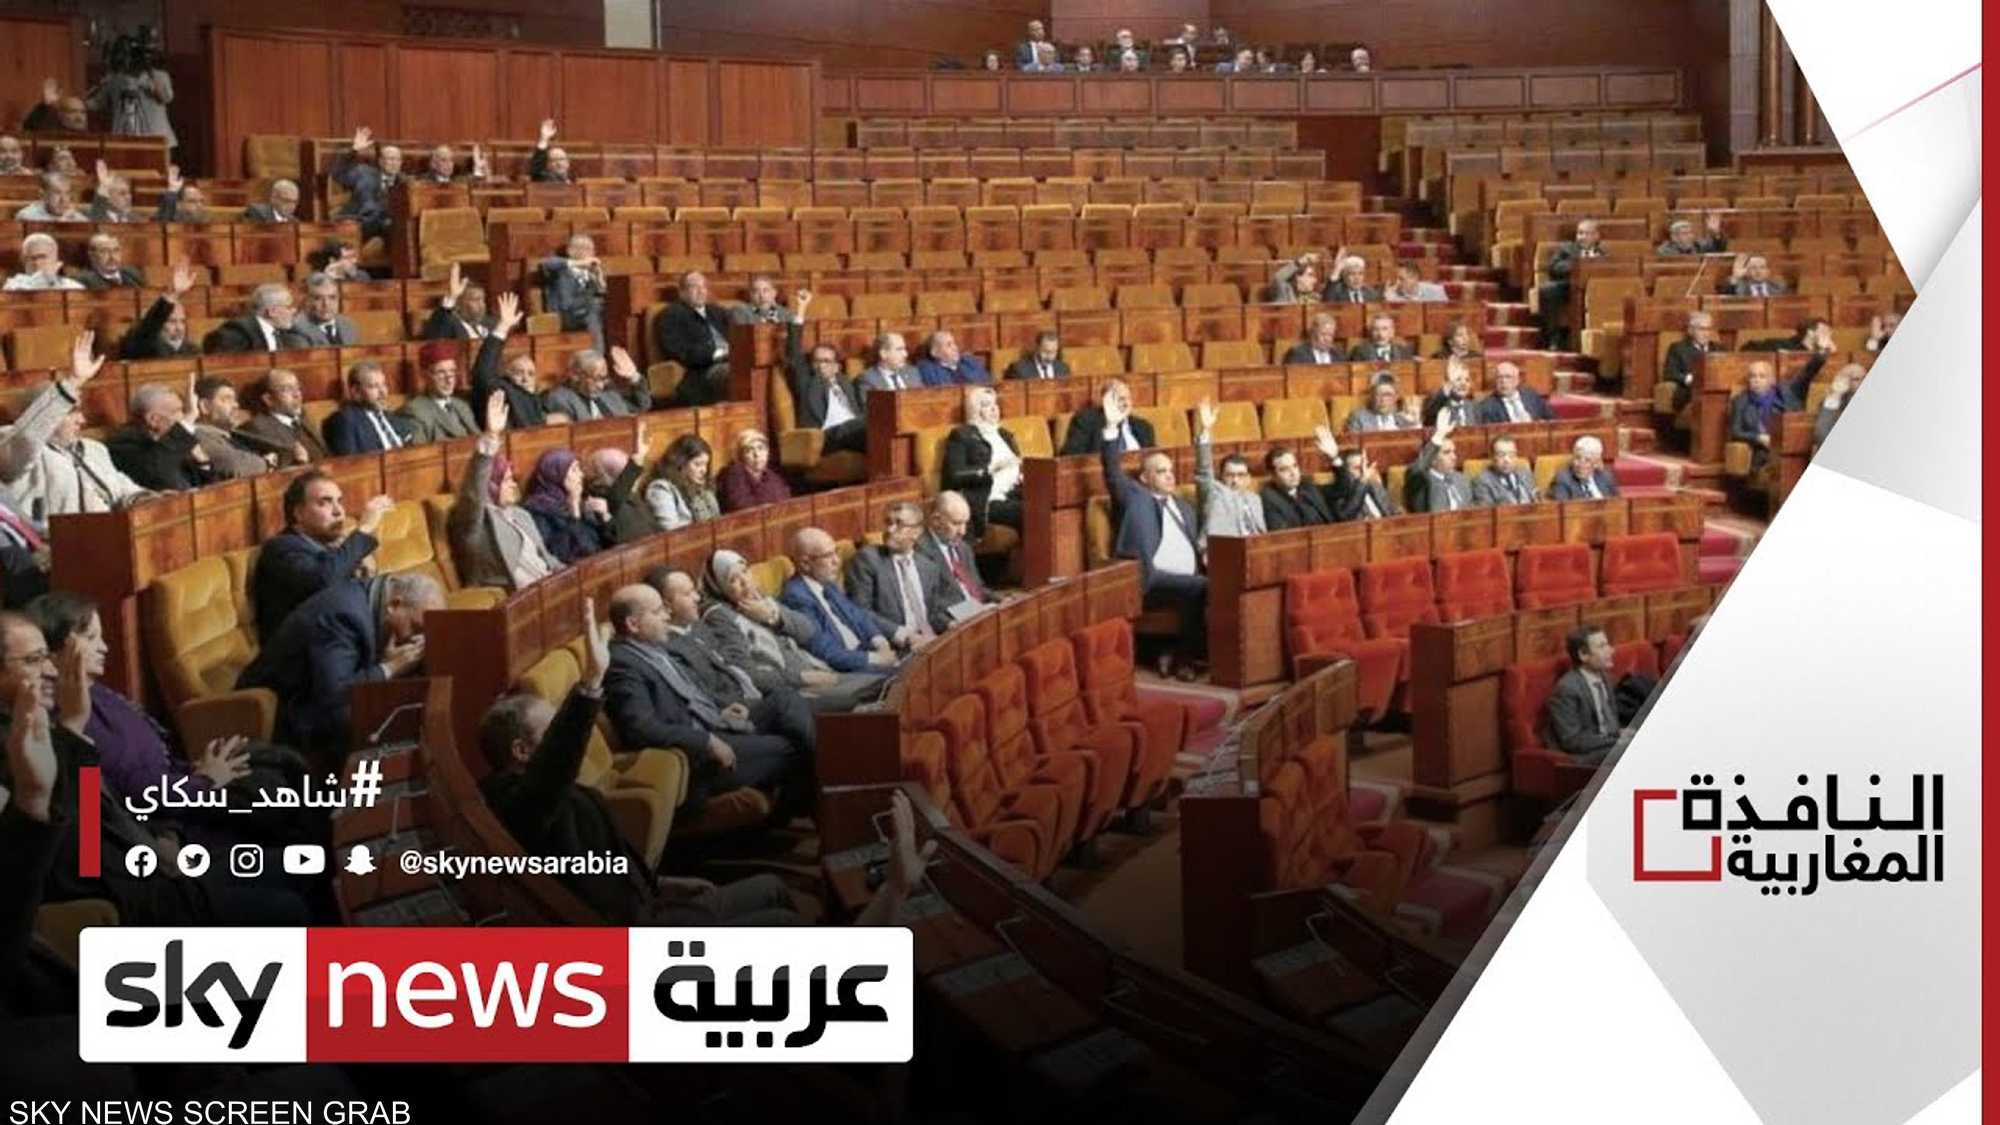 الحكومة المغربية تحصل على ثقة البرلمان